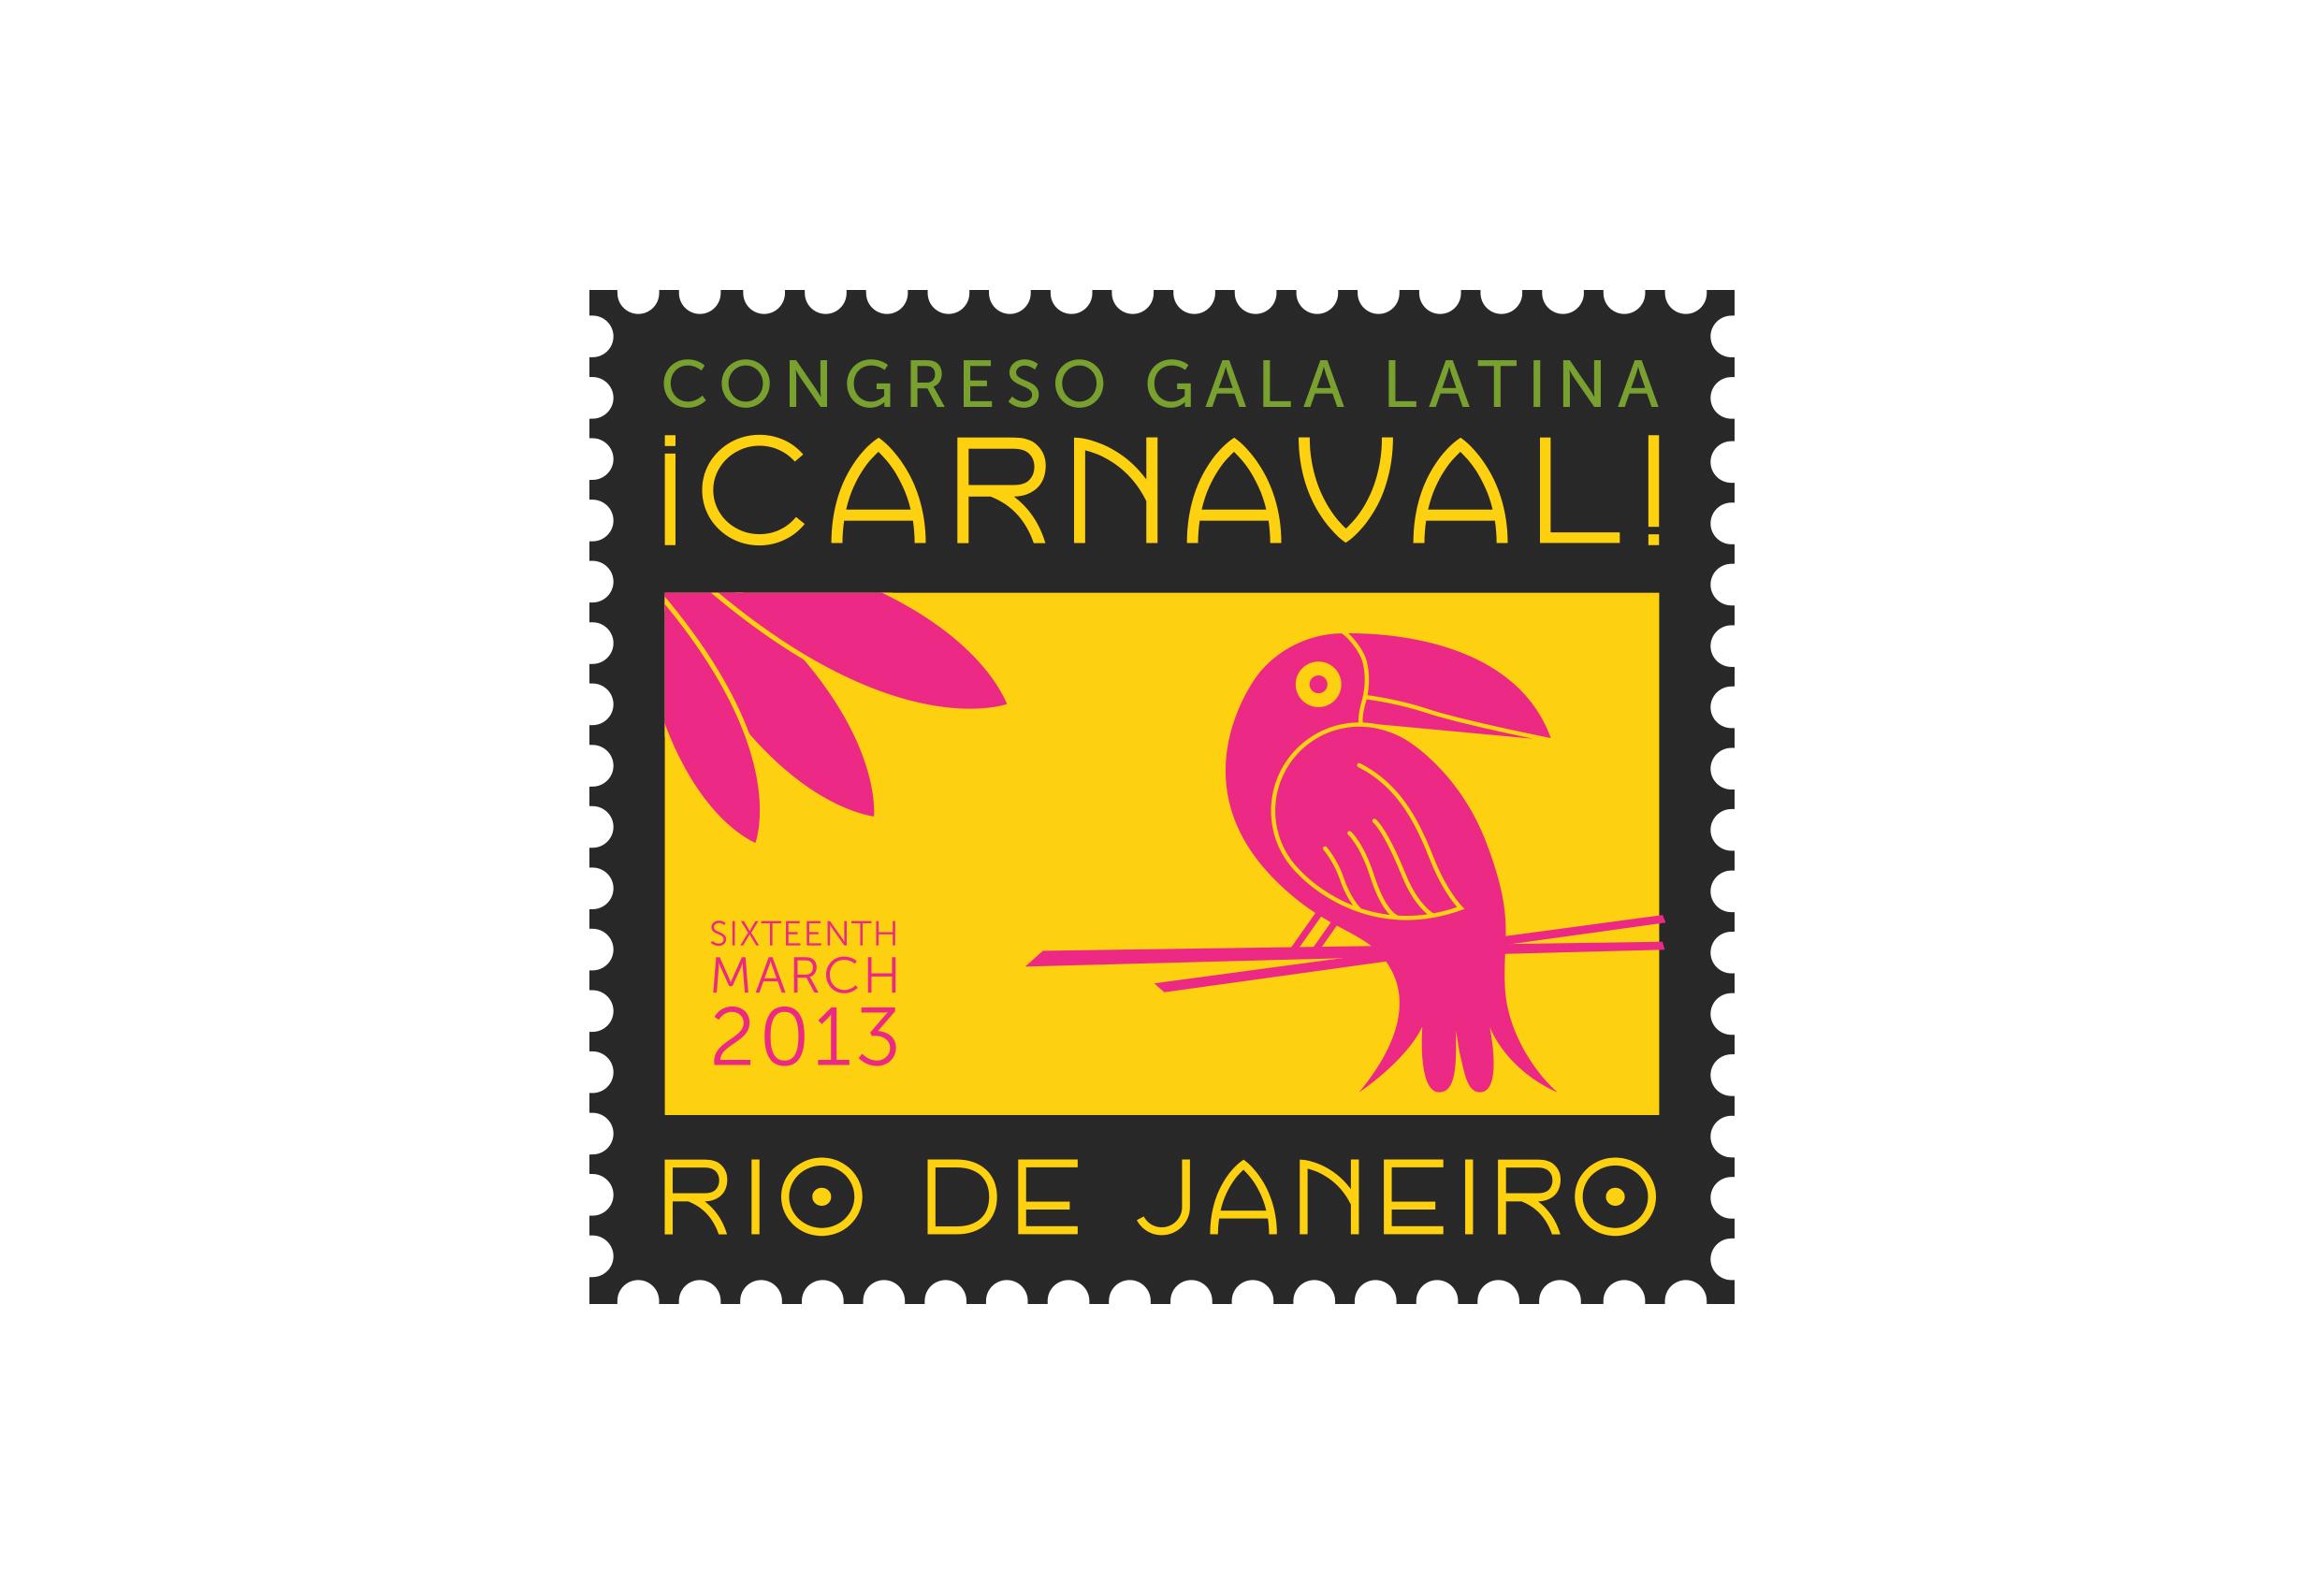 julierado-congreso-gala-2013-1.jpg